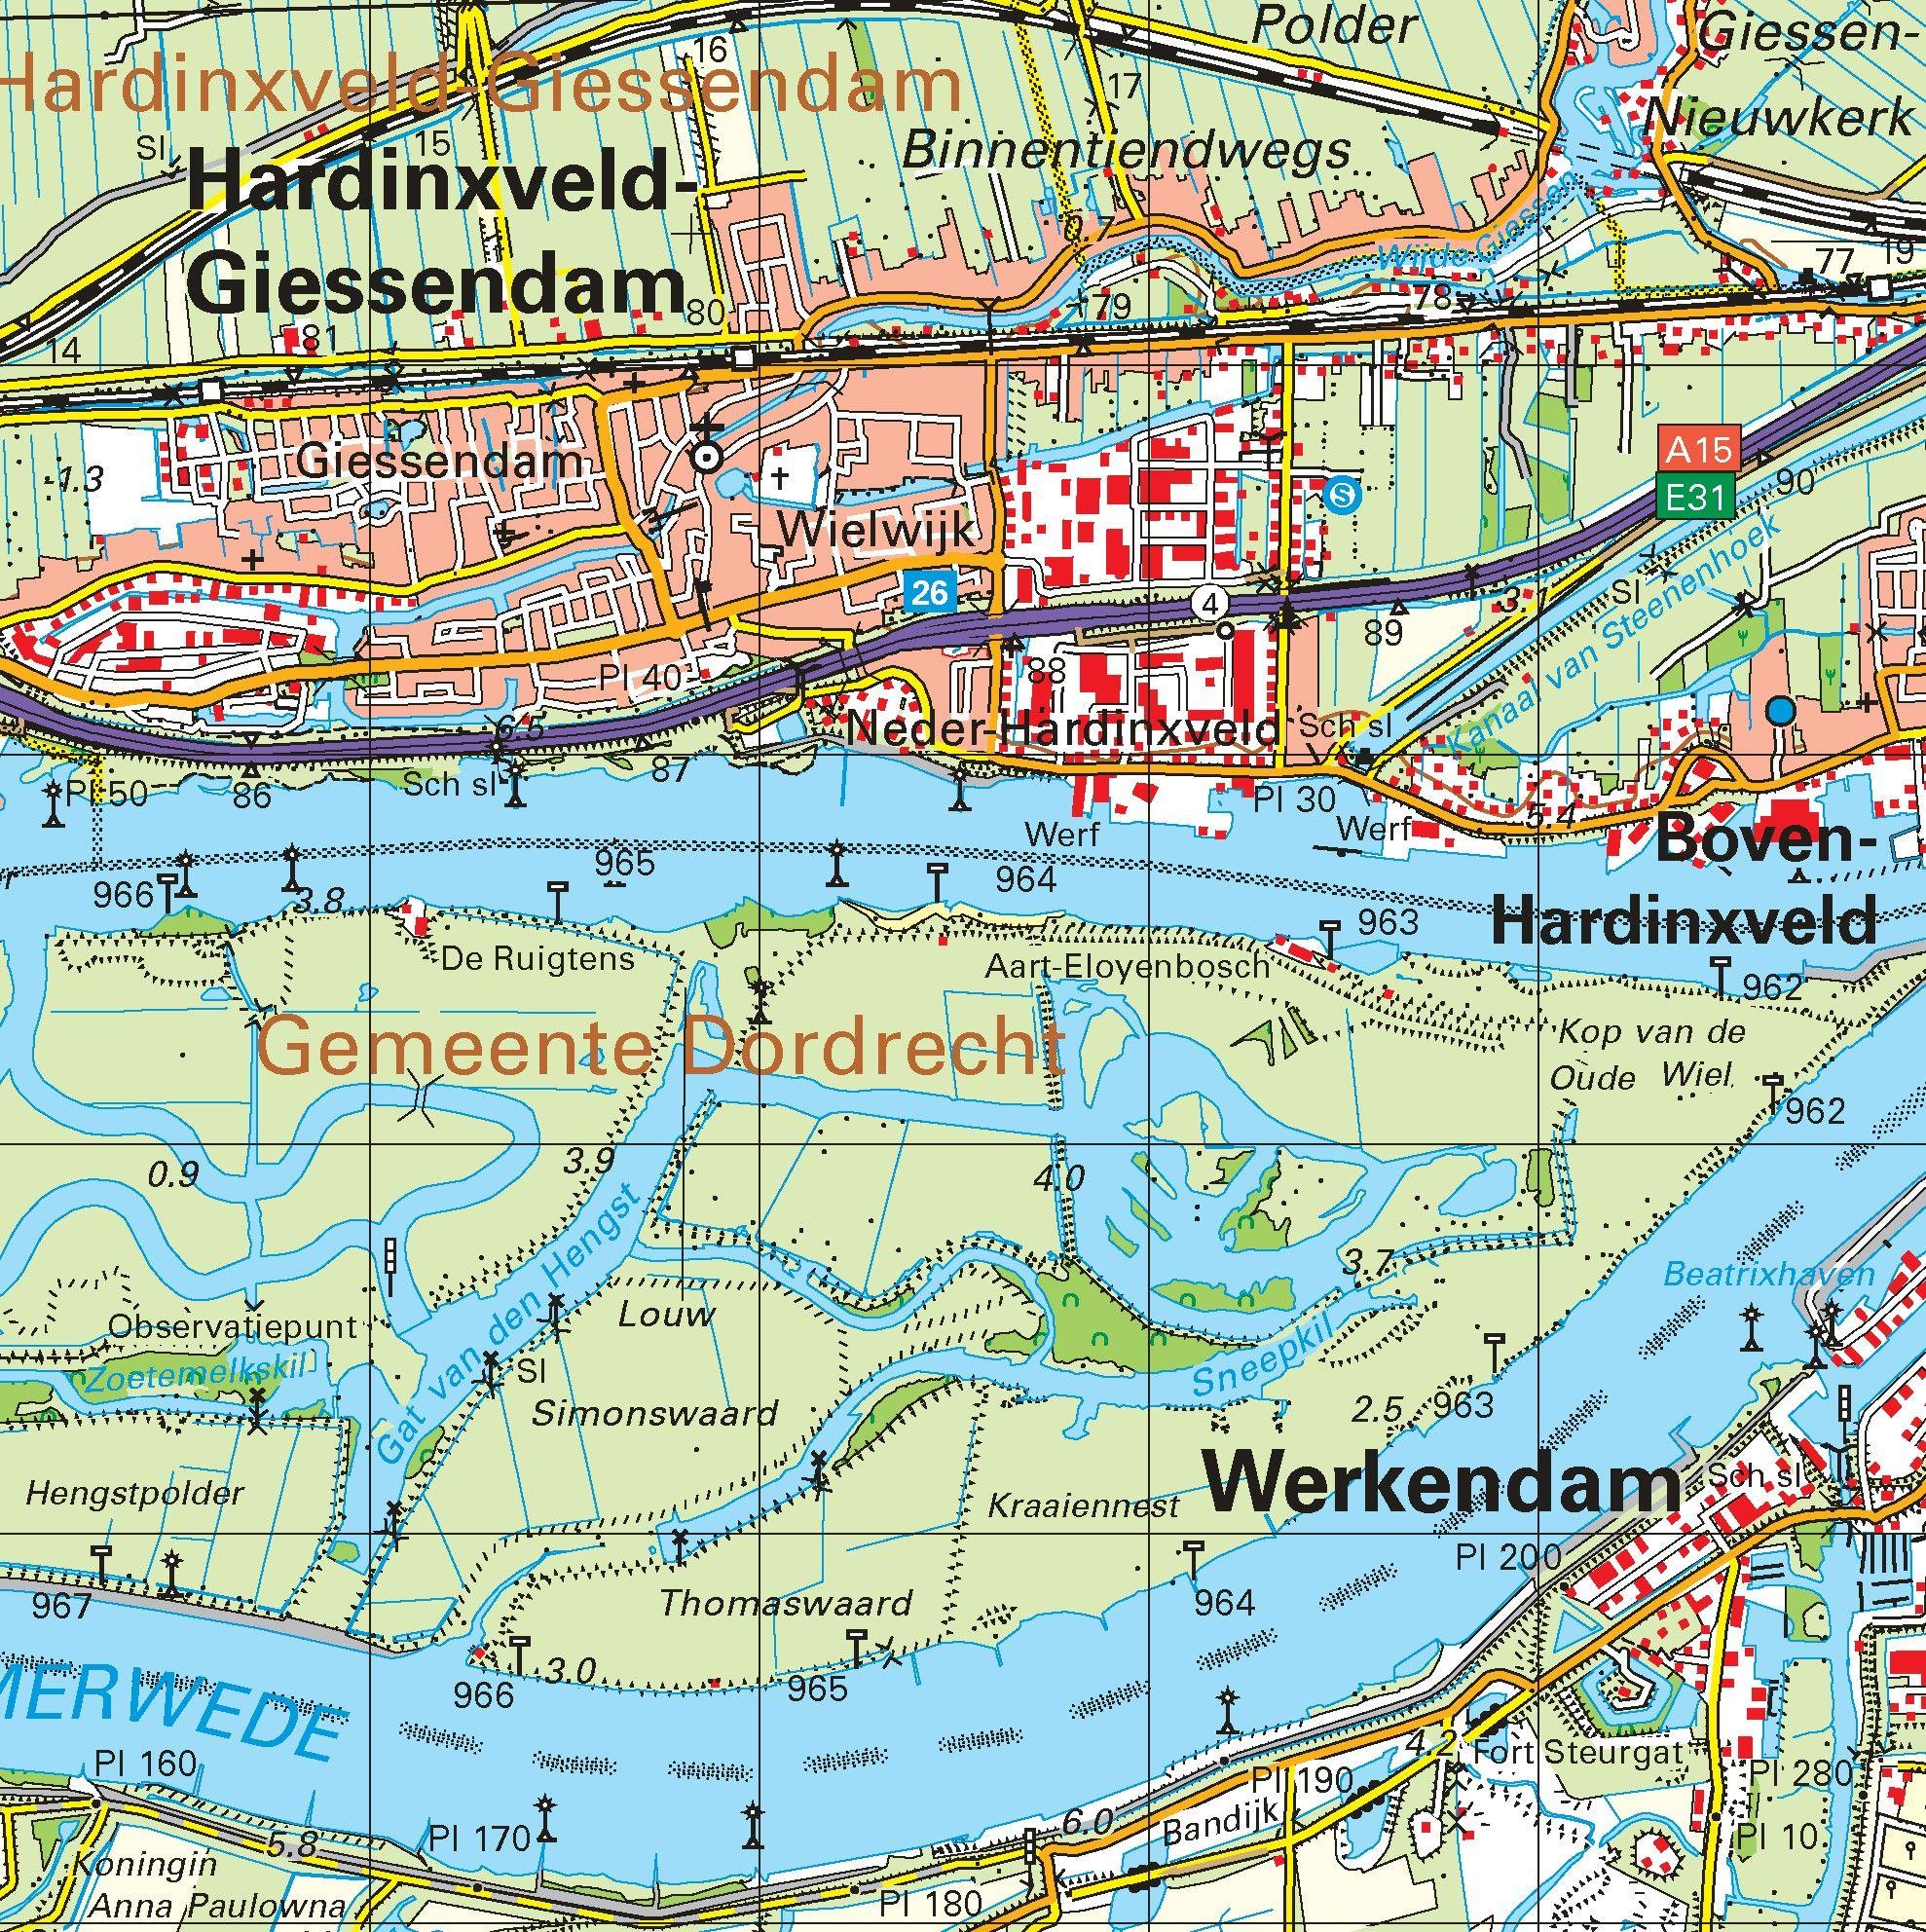 Topografische kaart schaal 1:50.000 (Gouda, Utrecht, Dordrecht, Gorinchem, Oosterhout)